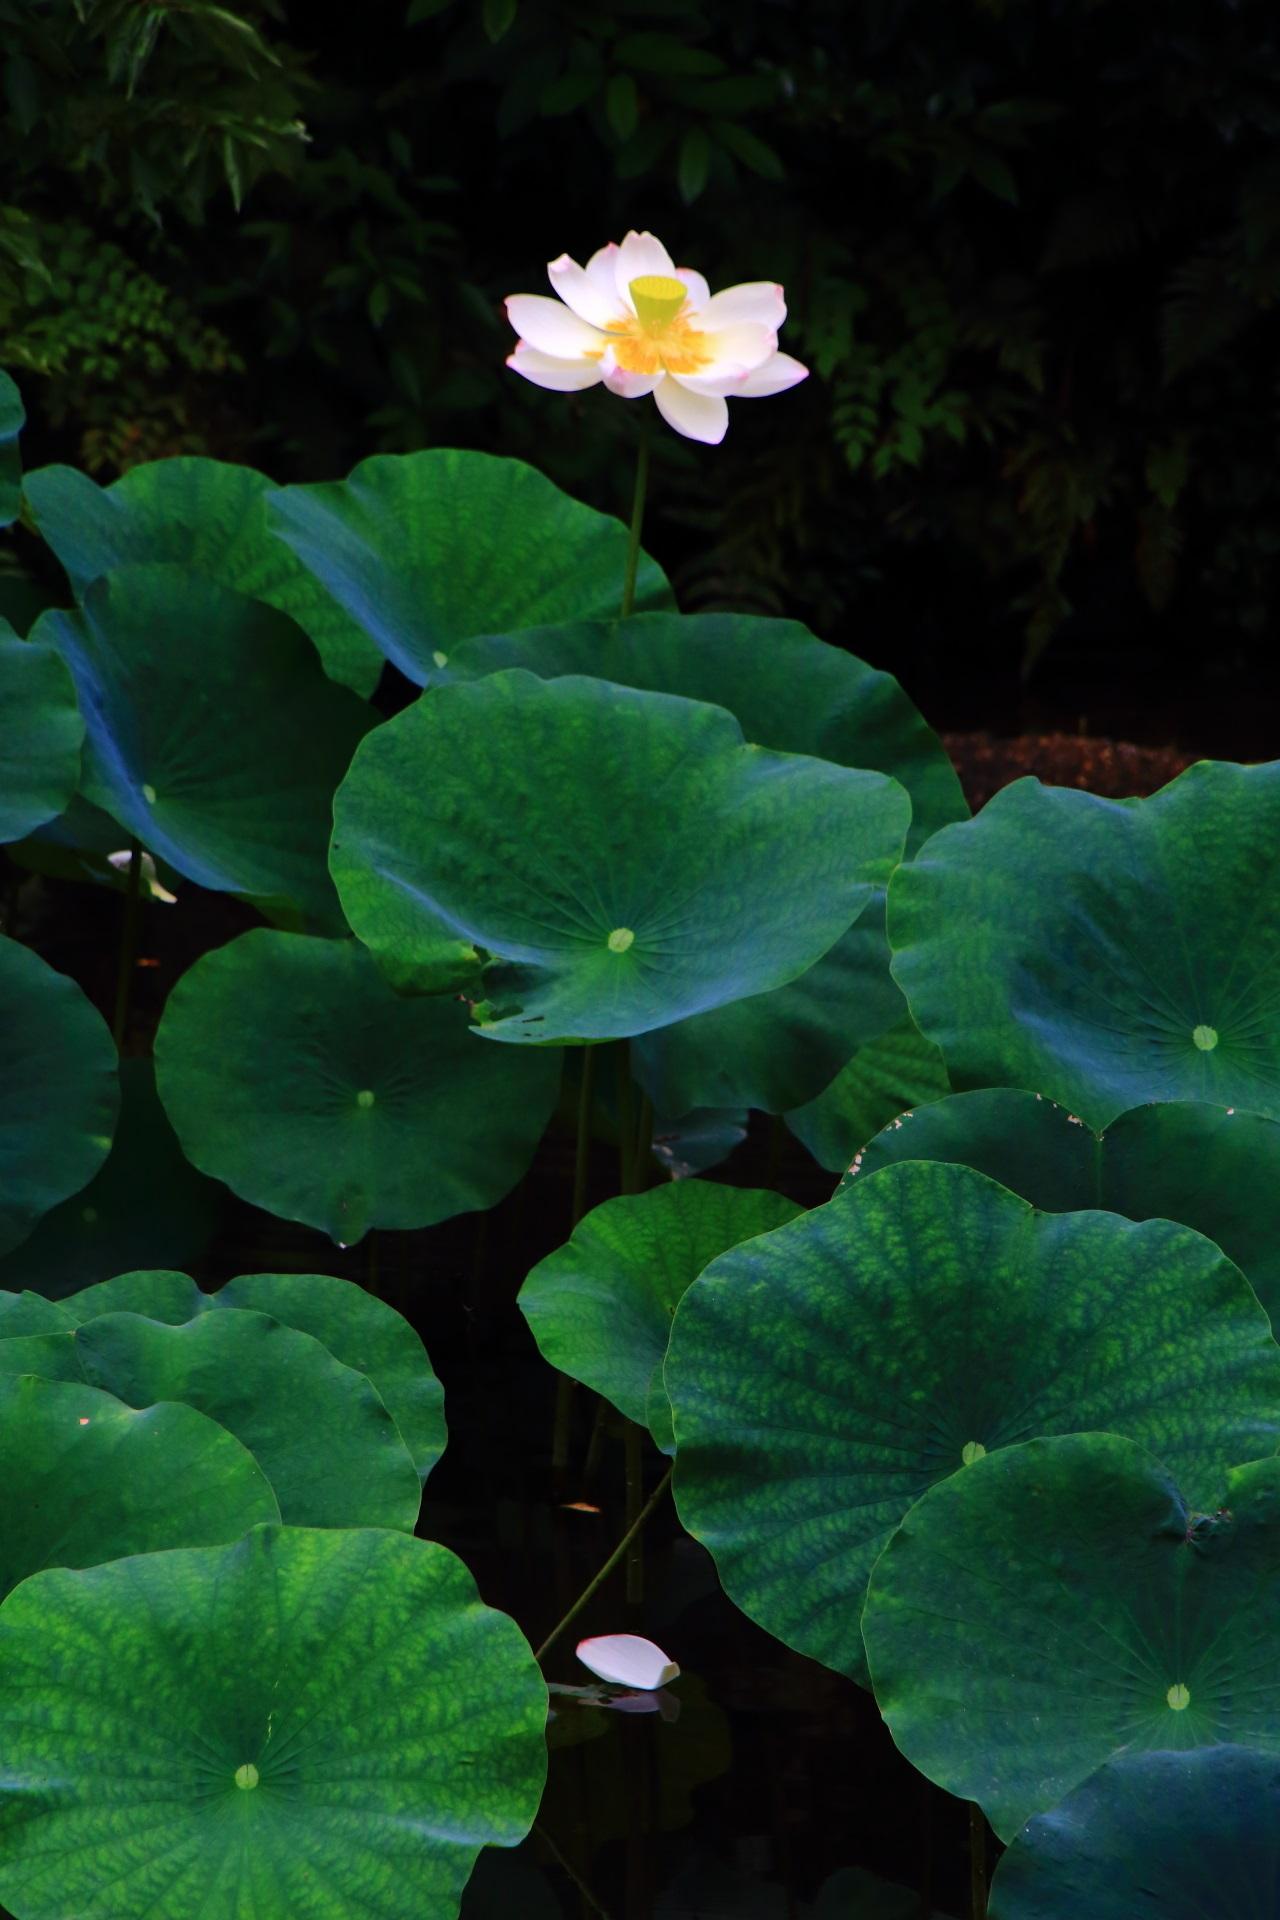 美しい咲いているハスの花と散った花びら